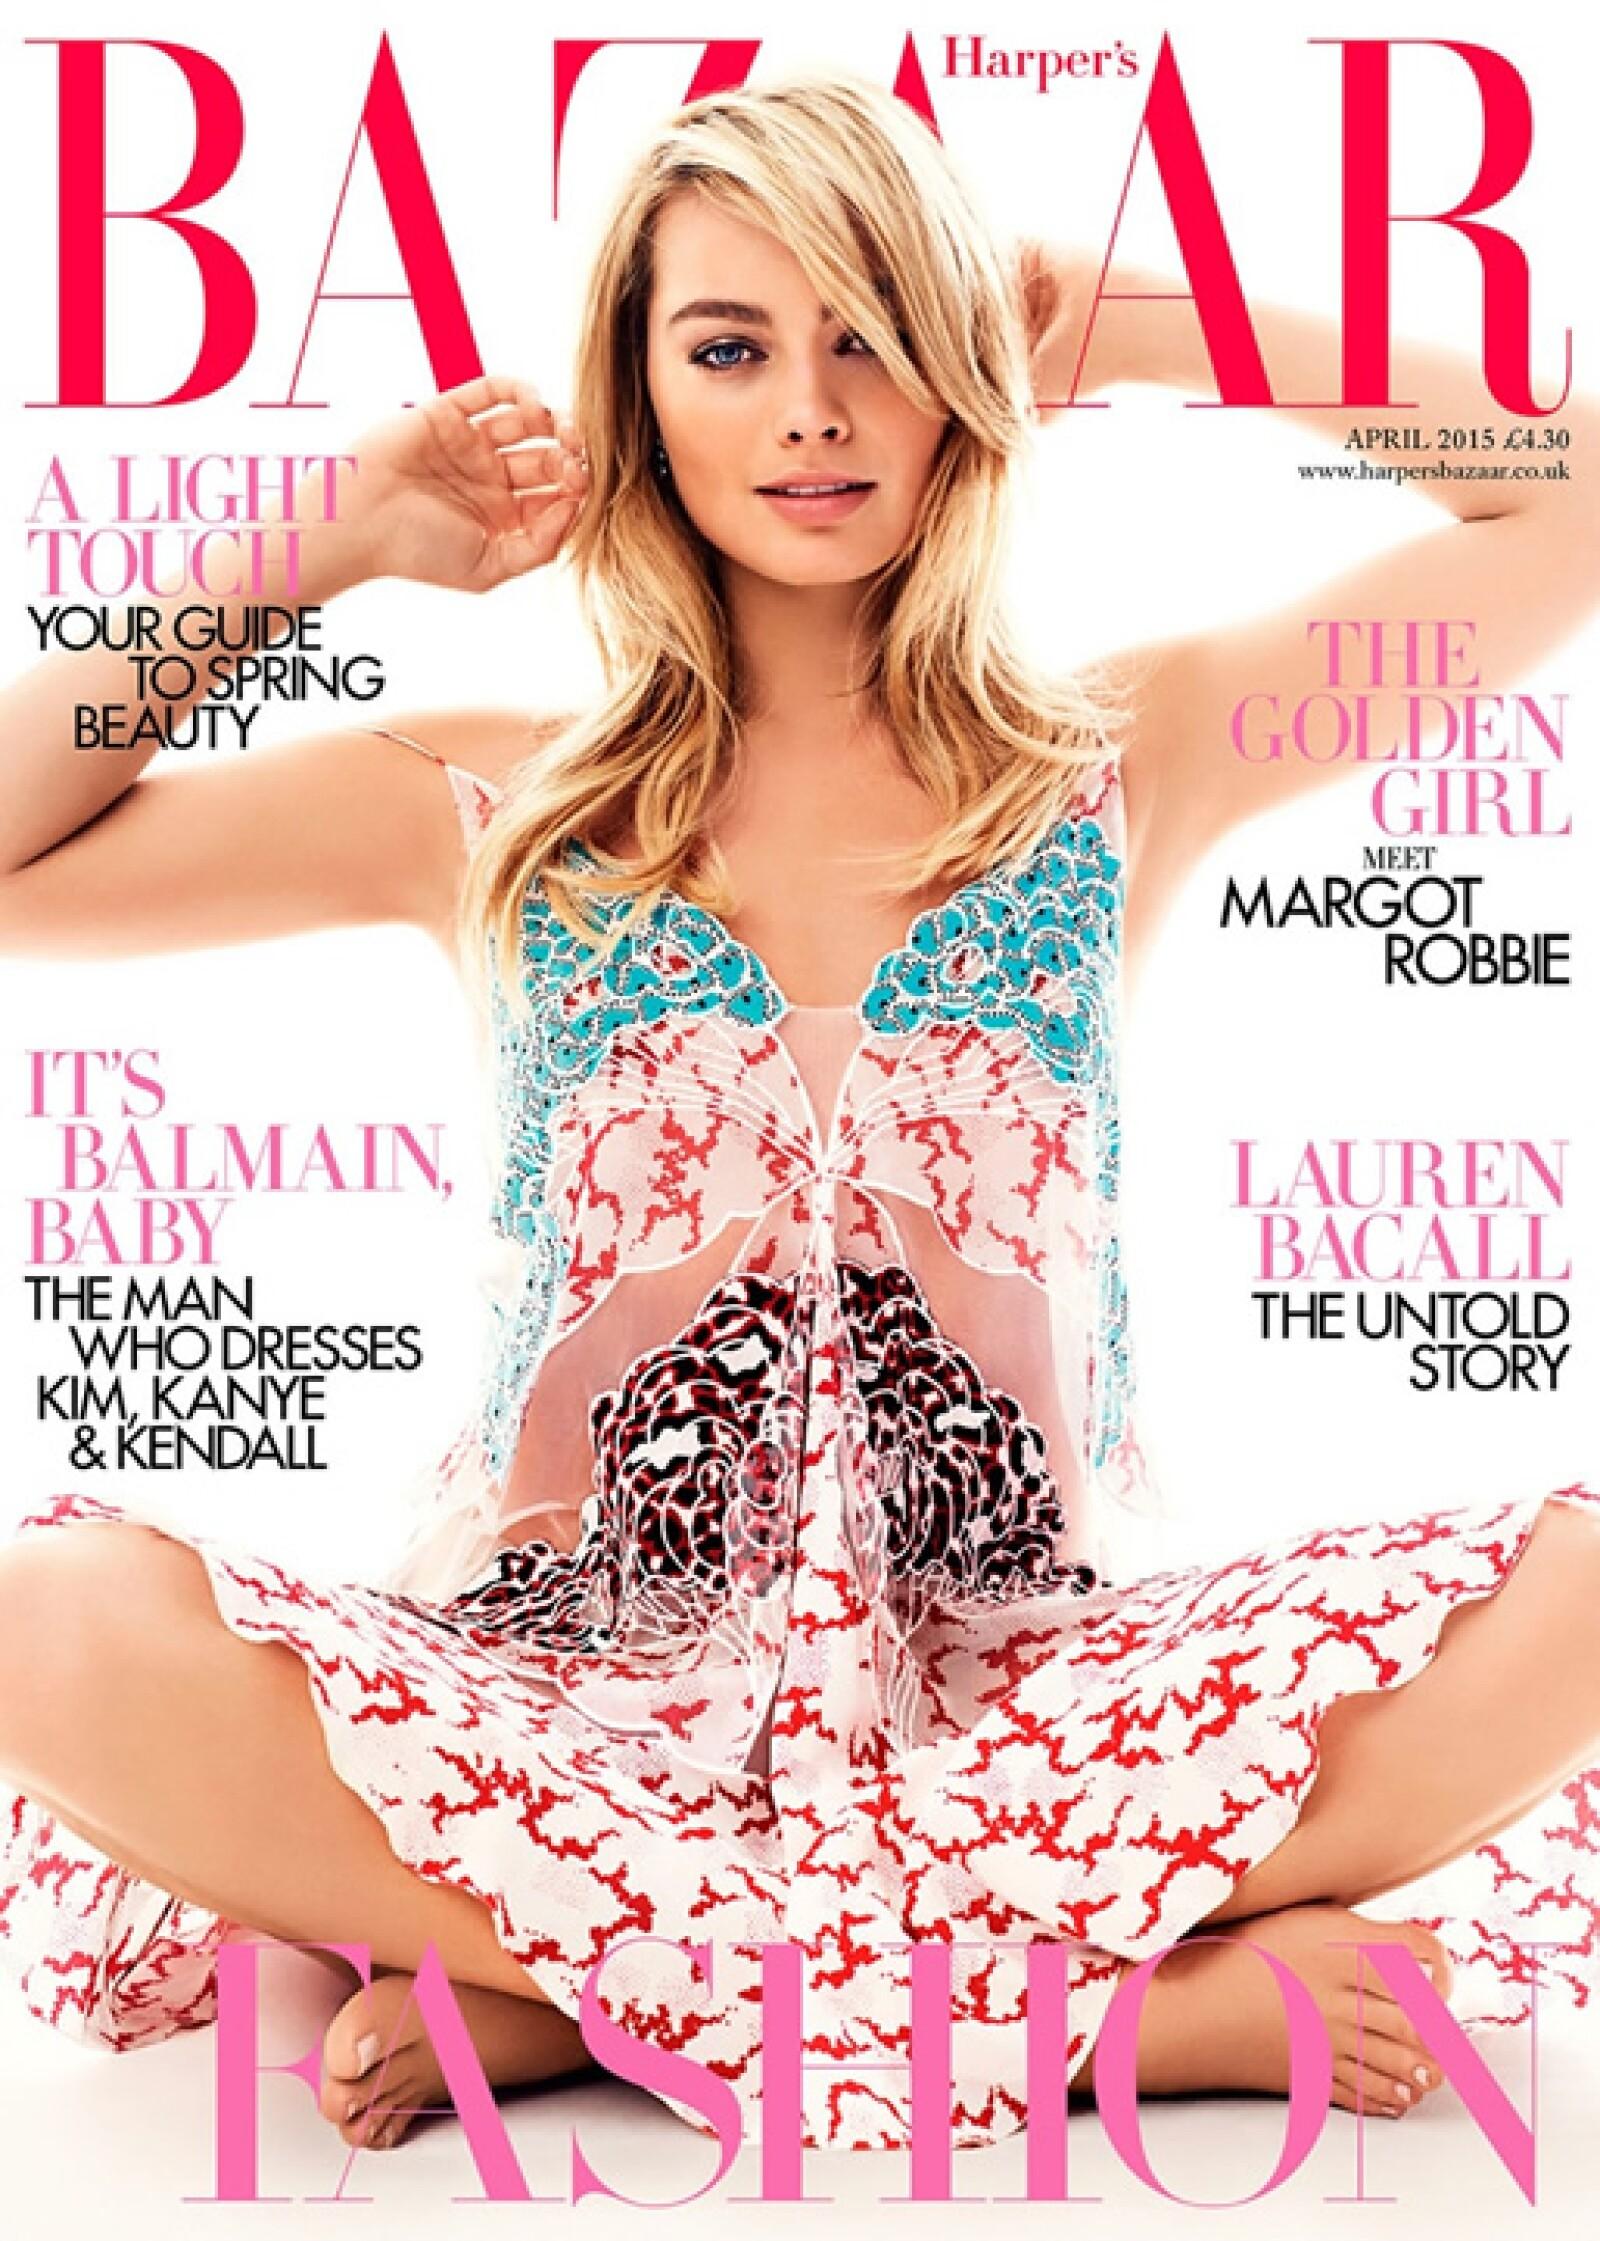 La actriz Margot Robbie luce impecable en la portada de Harpers Bazaar UK. Fotografiada por David Slijper, la vemos en un hermoso vestido de Stella McCartney.